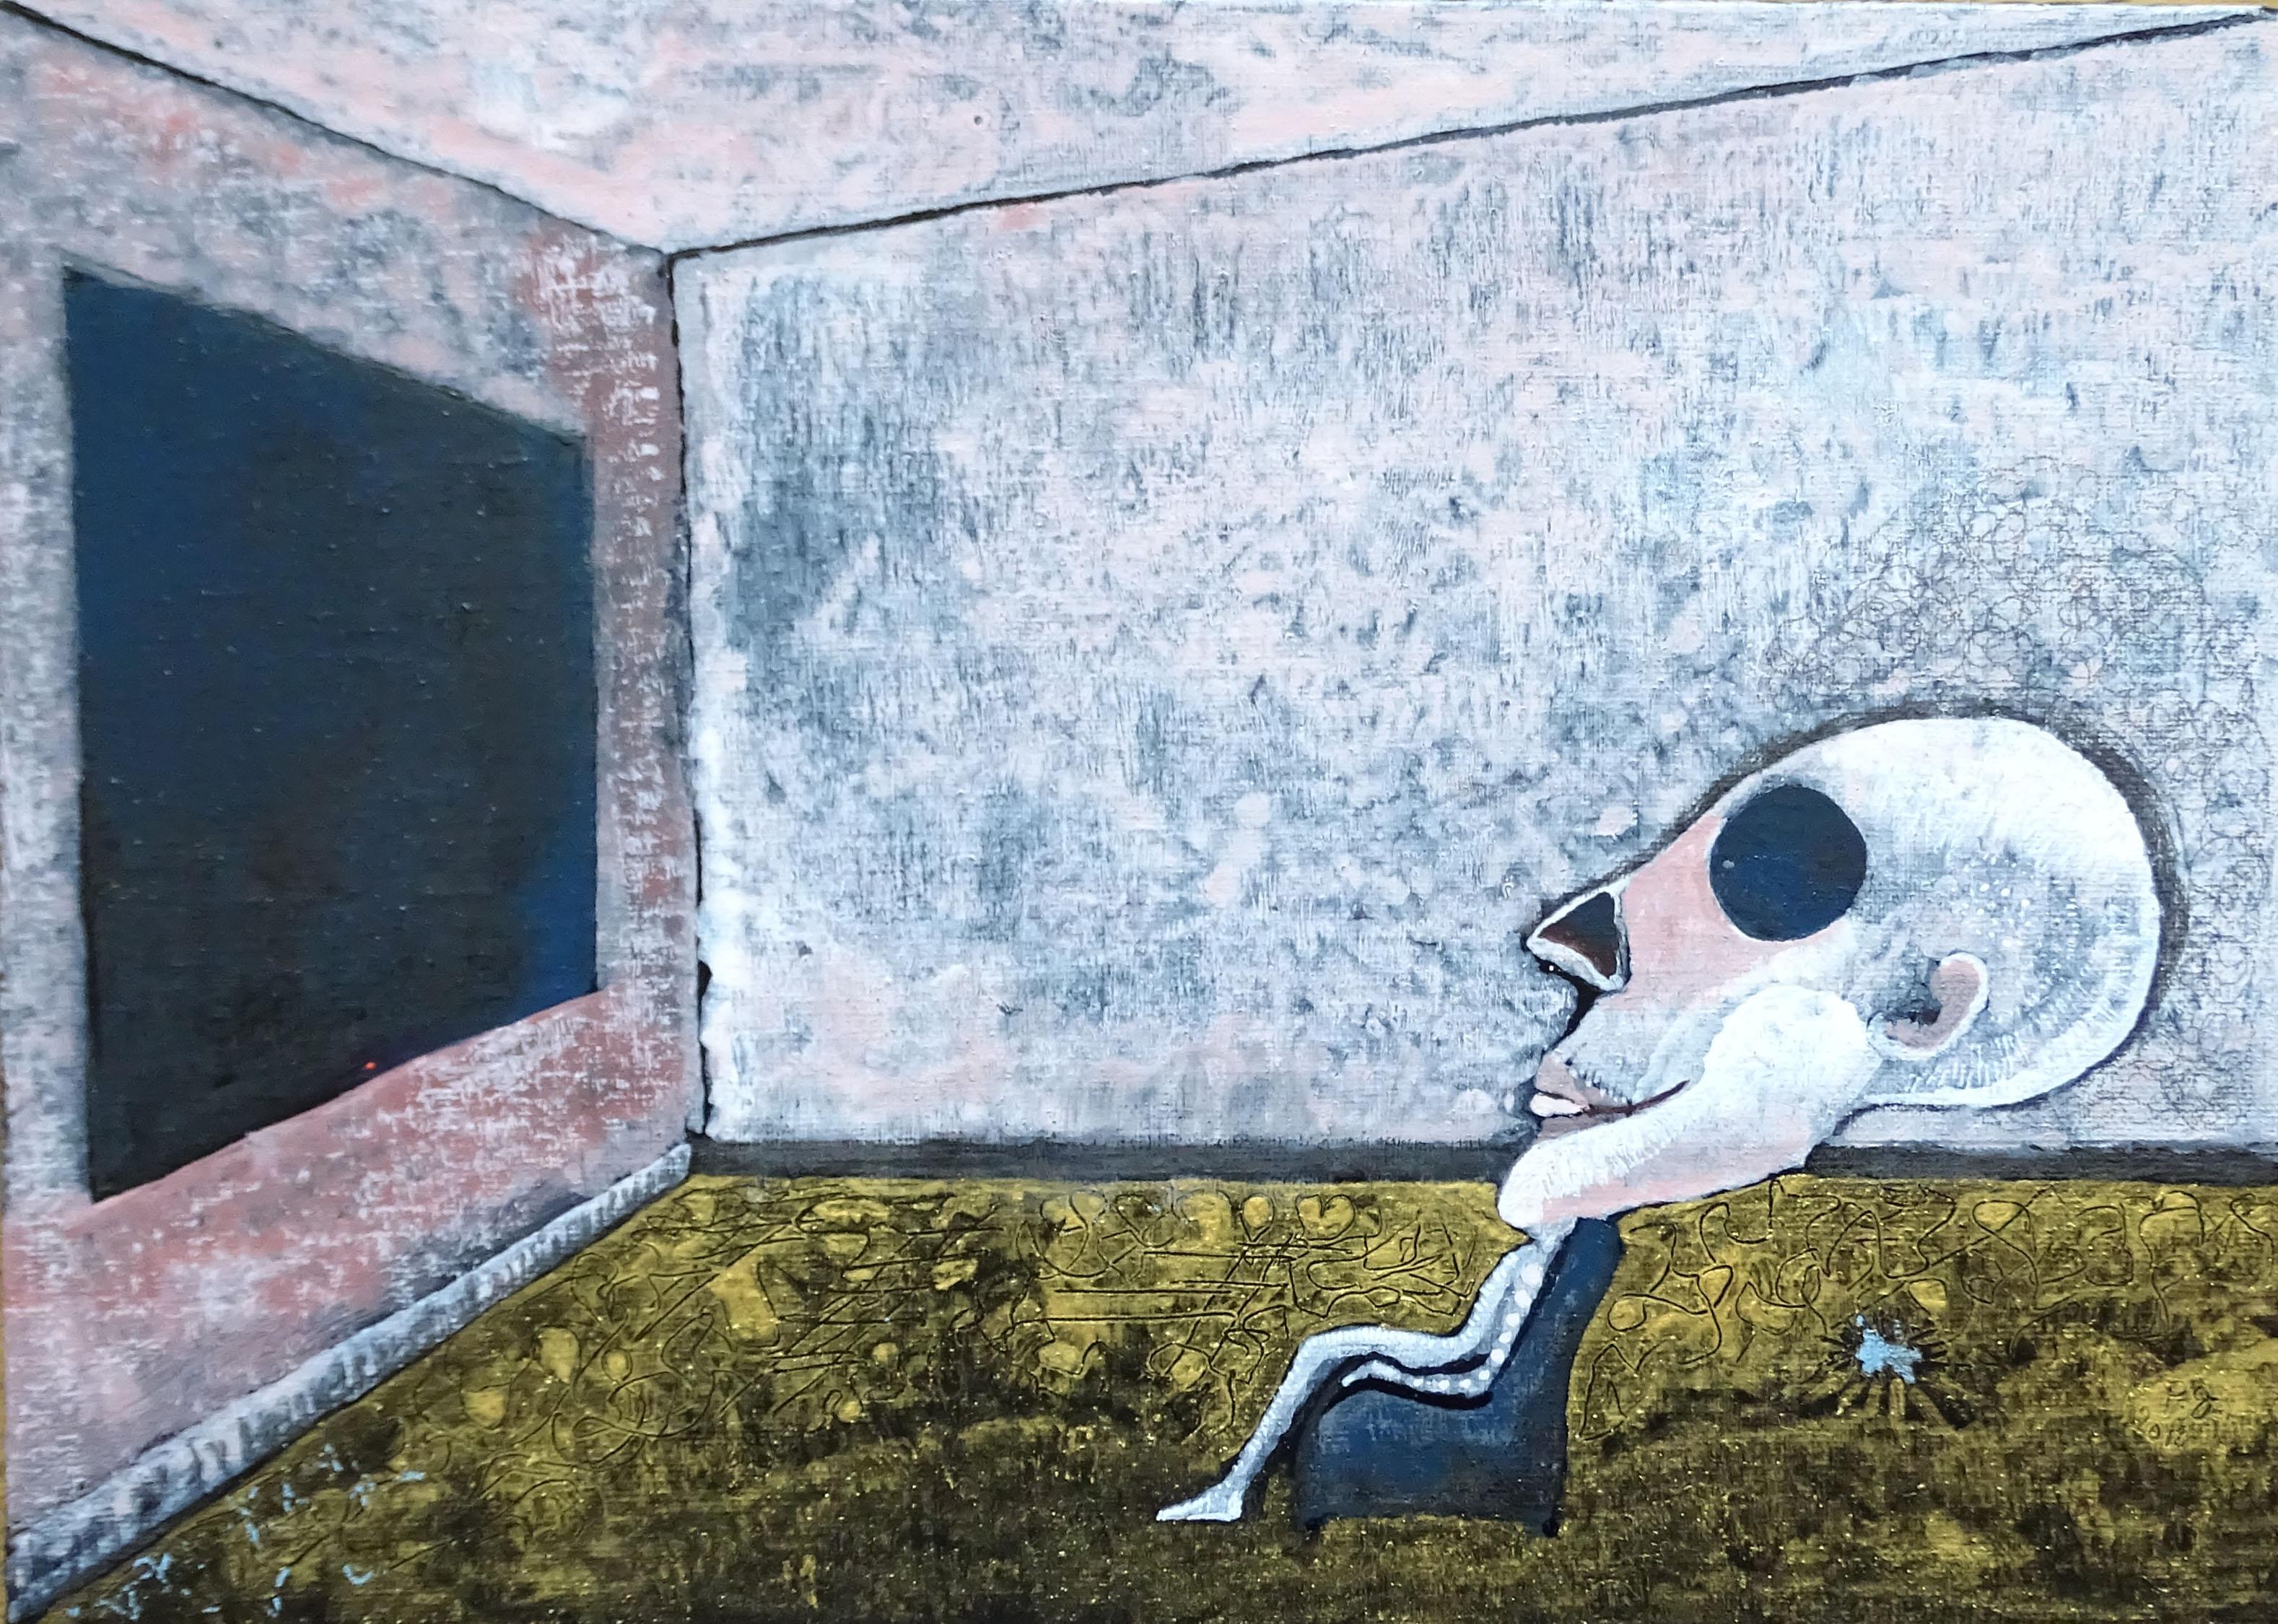 solitude fantaisiste - 2018 - p.g. [patrick gourgouillat]